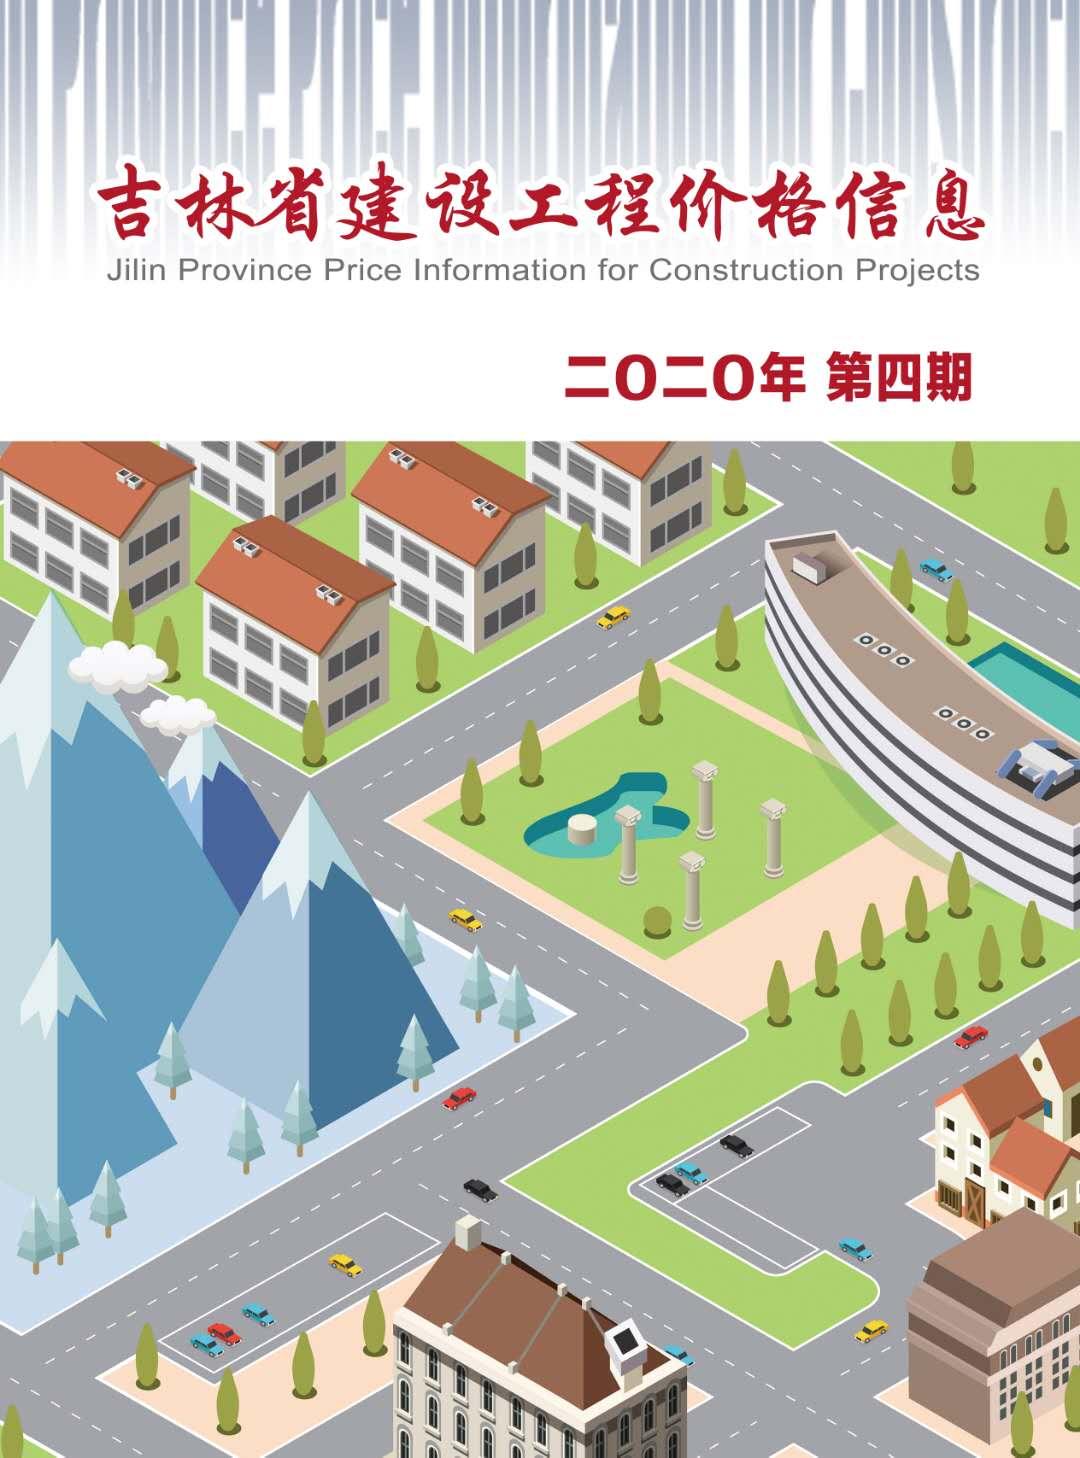 吉林工程造价信息【期刊】(吉林省2020年04月信息价表)